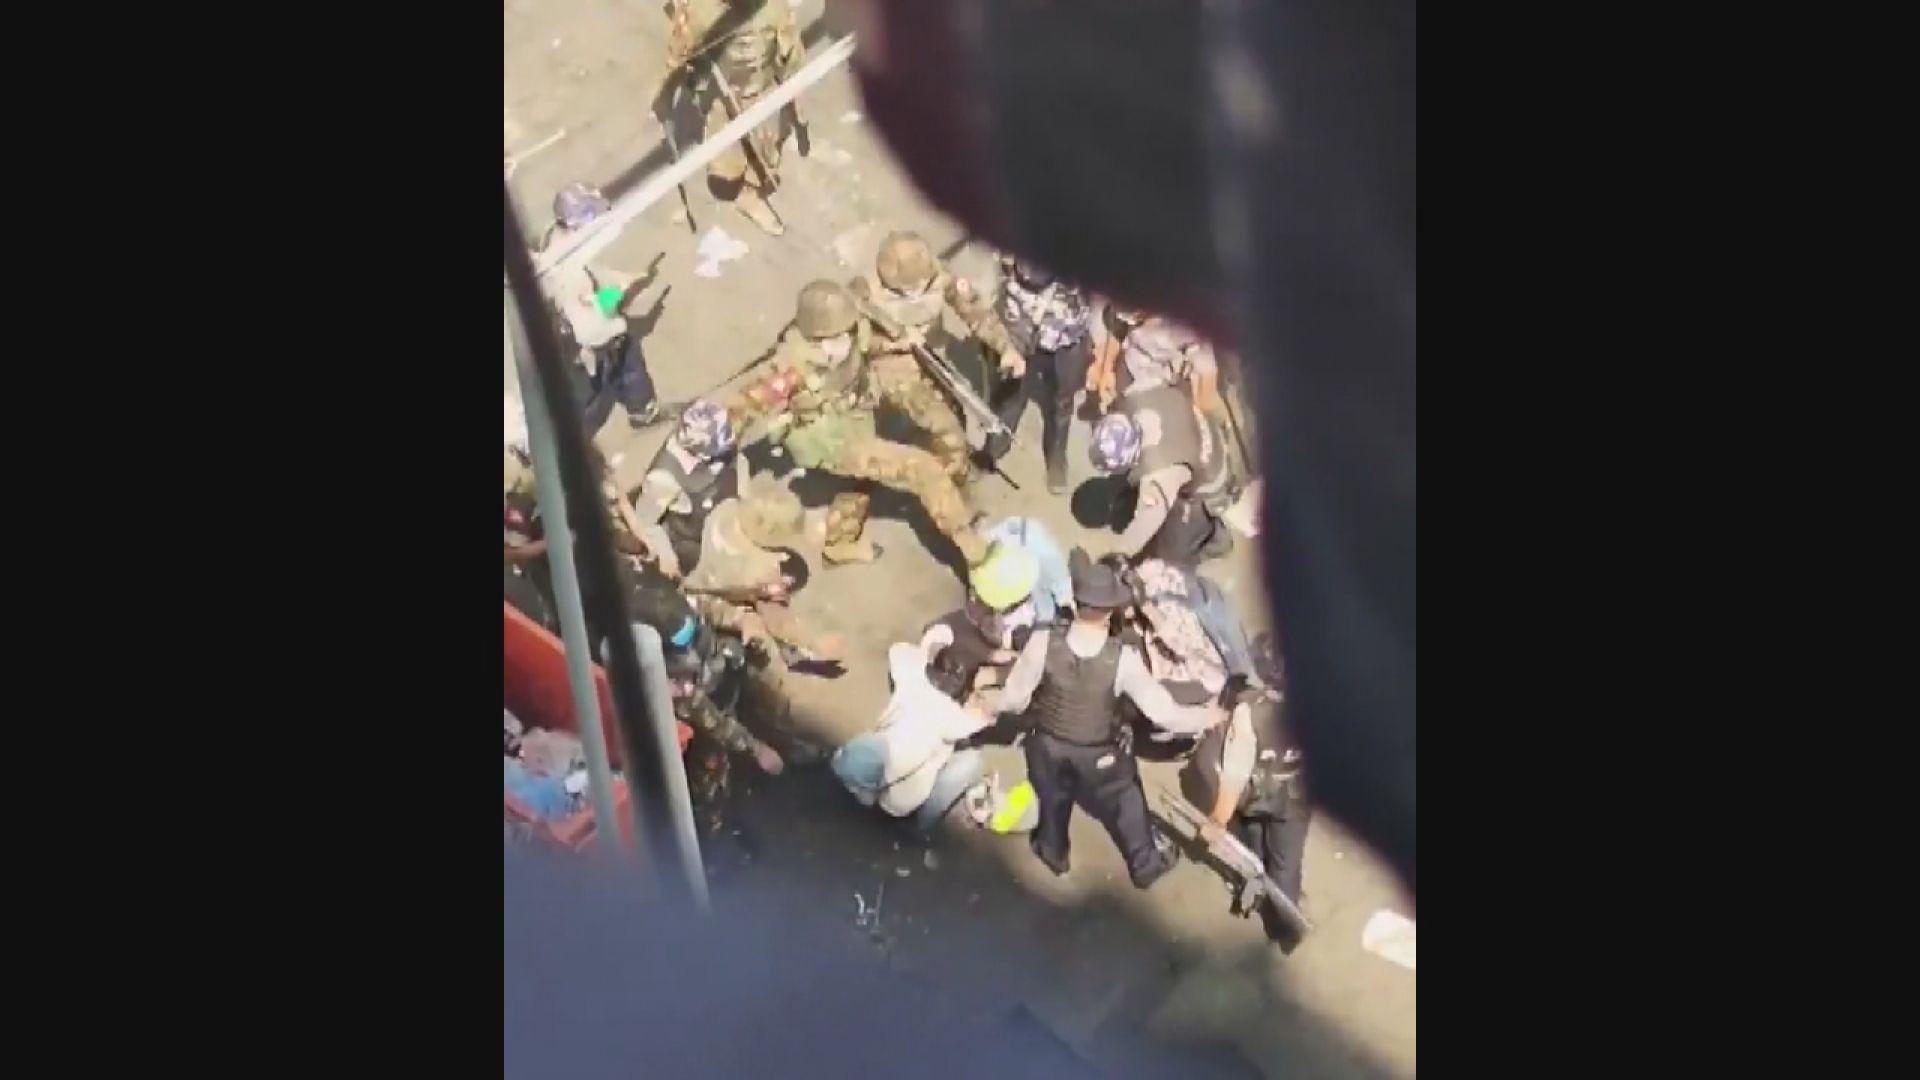 緬甸示威持續 報道指有安全部隊用實彈鎮壓示威